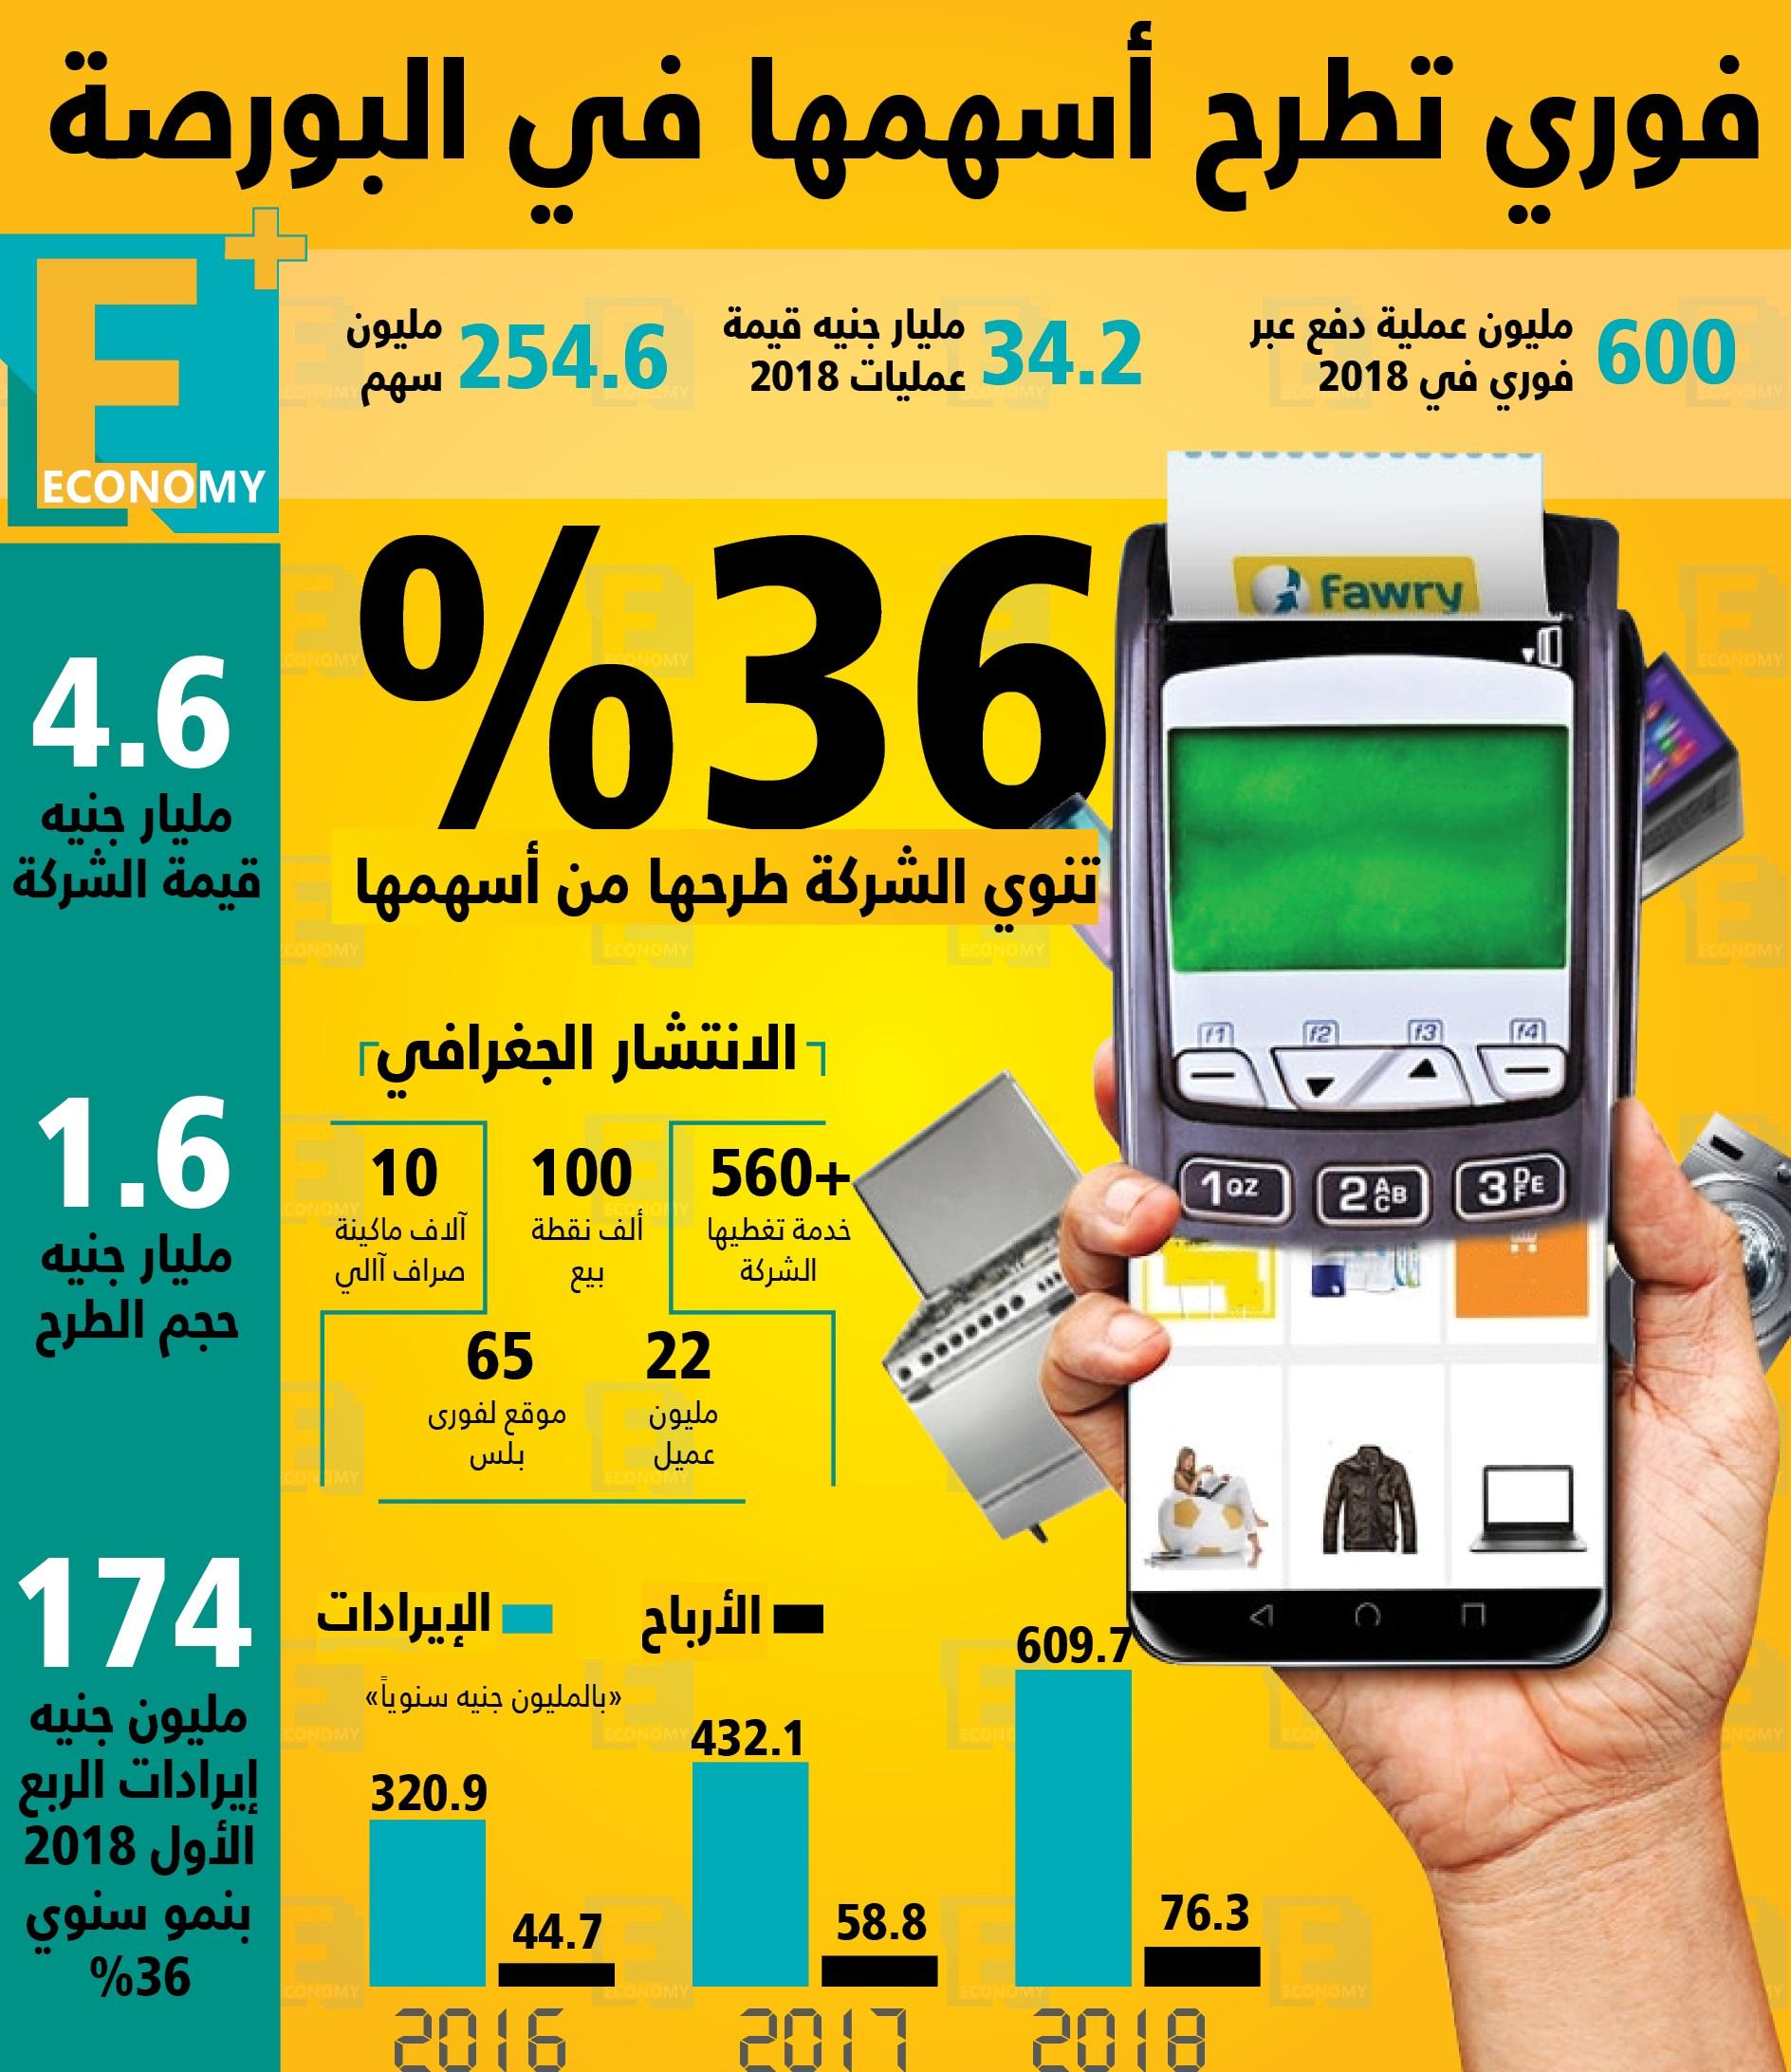 فوري تطرح أسهمها في البورصة المصرية